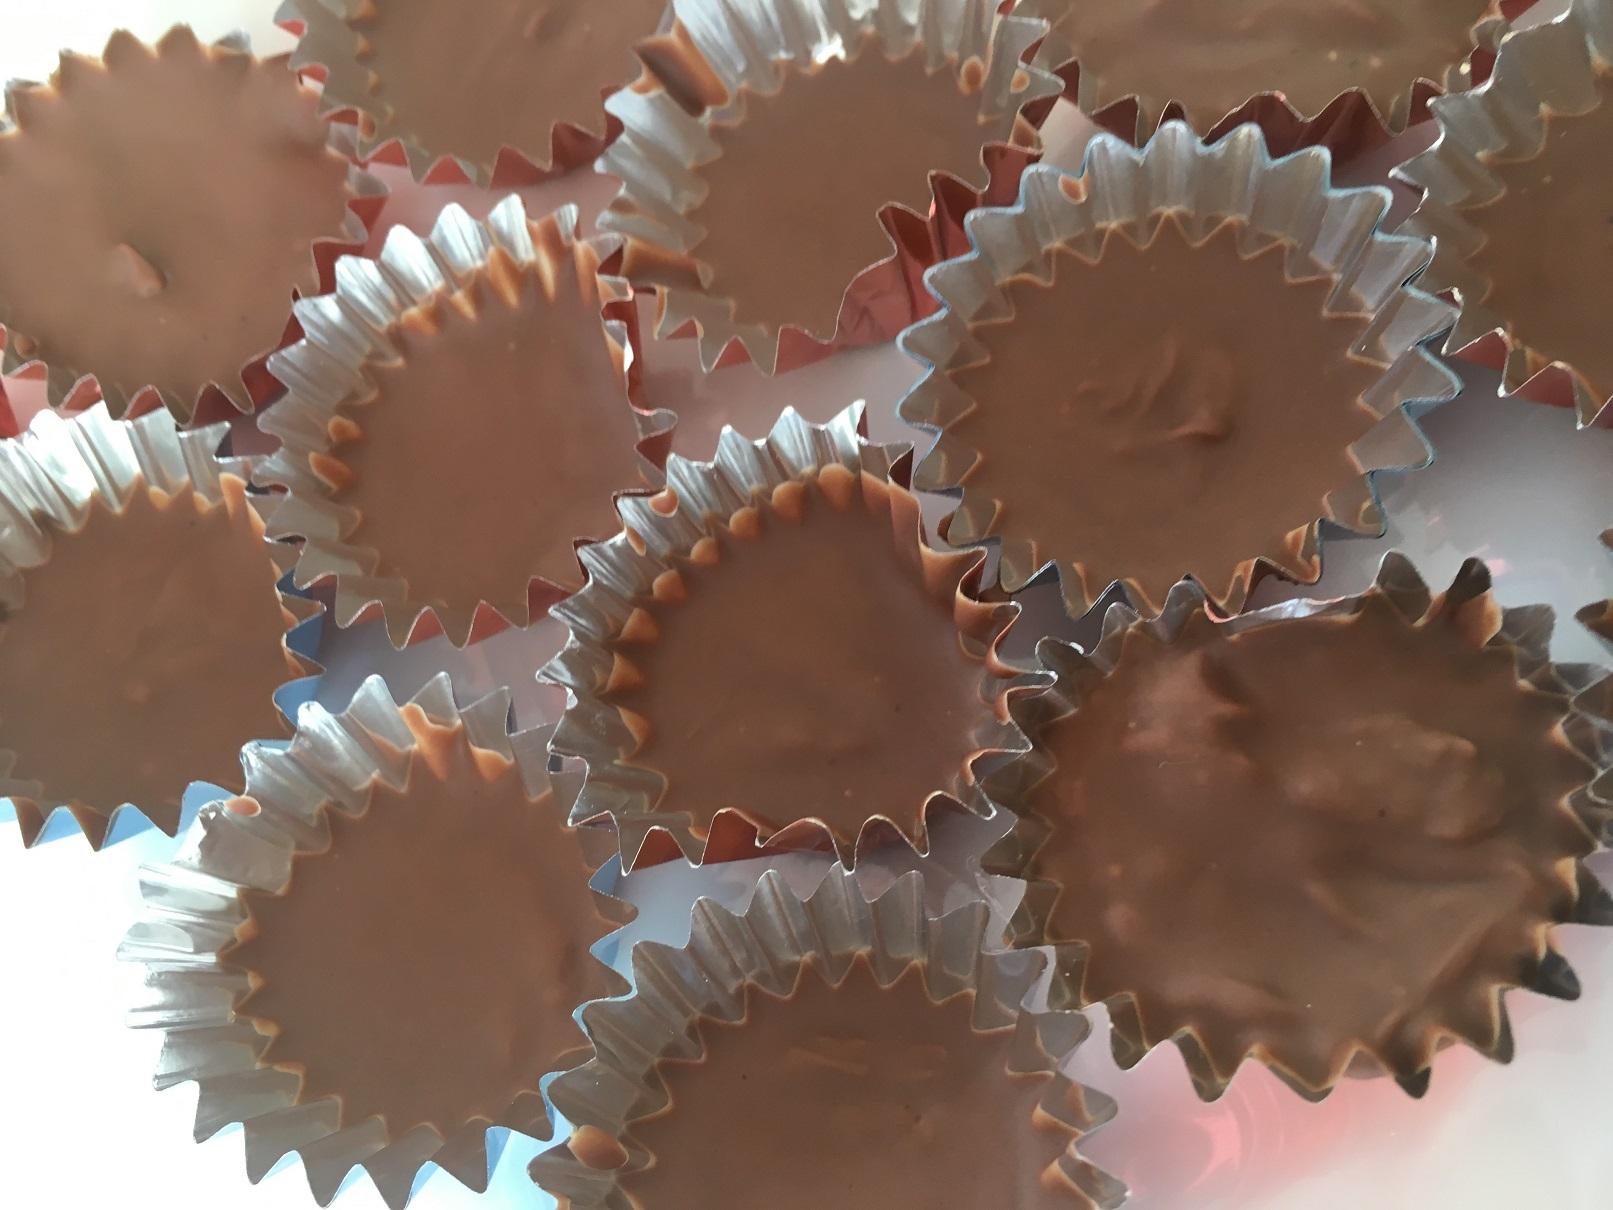 アラザンやハートの形の砂糖菓子など